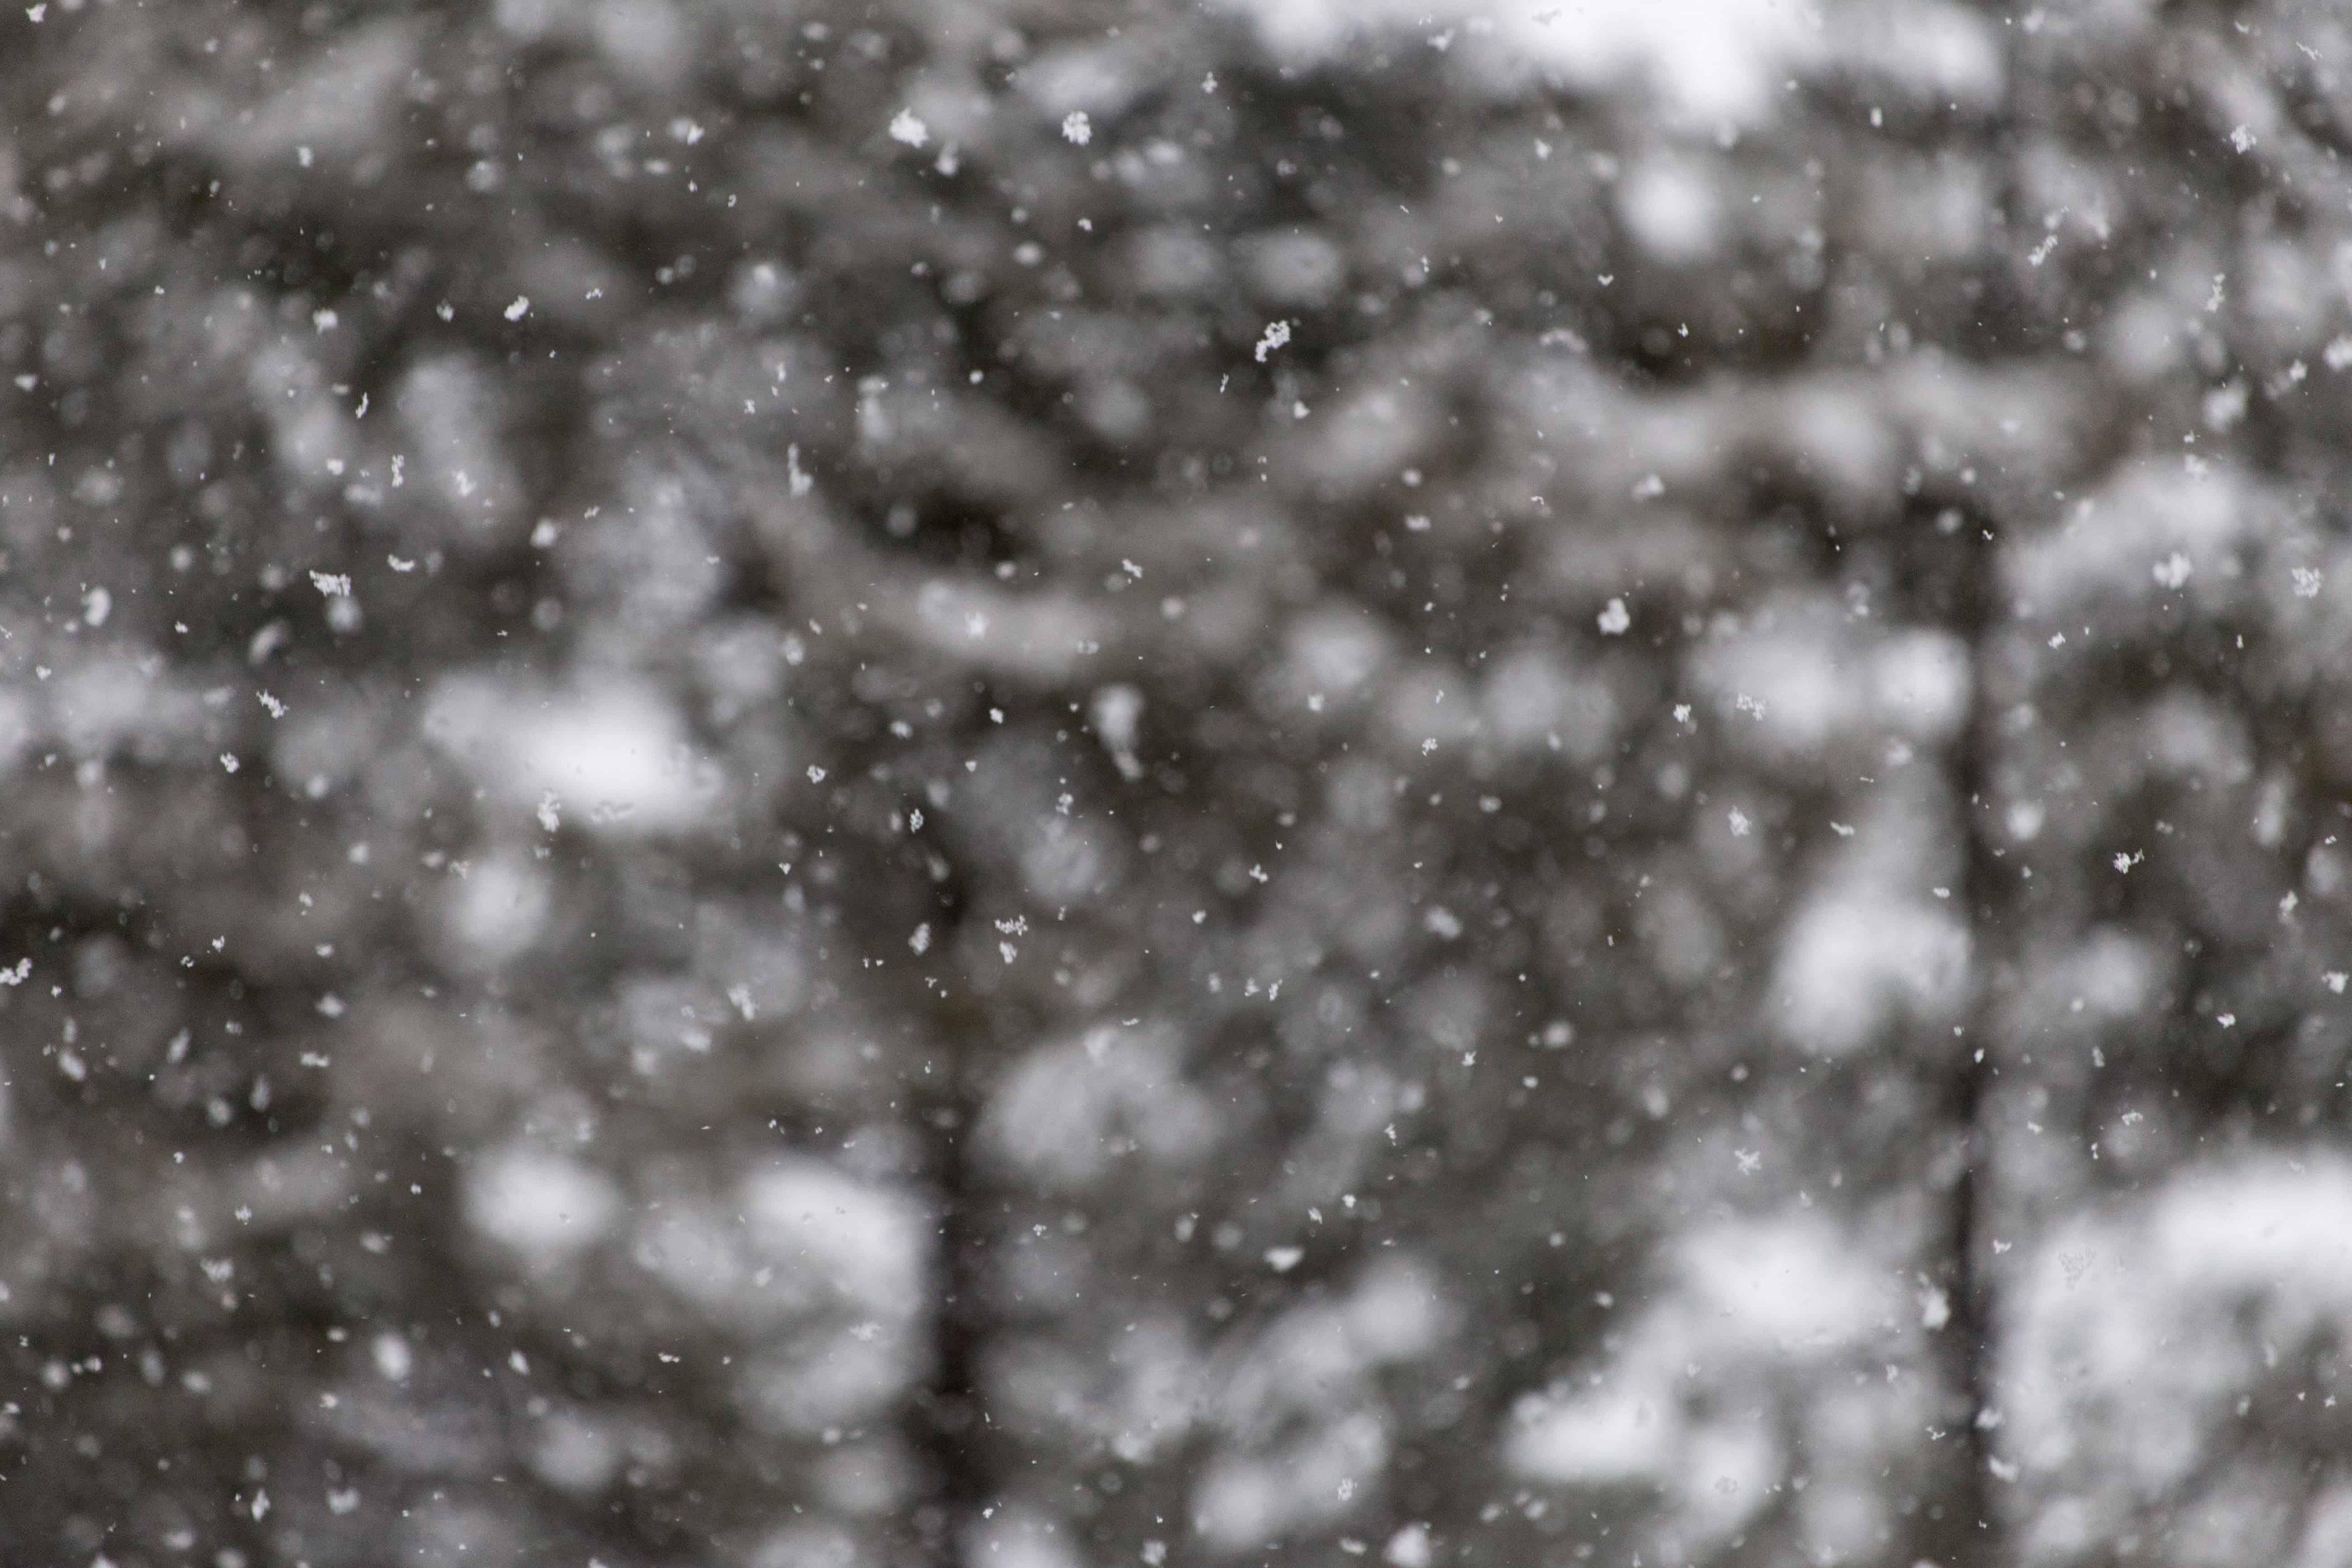 Imagen gratis: Resumen, copo de nieve, naturaleza, hielo, invierno ...